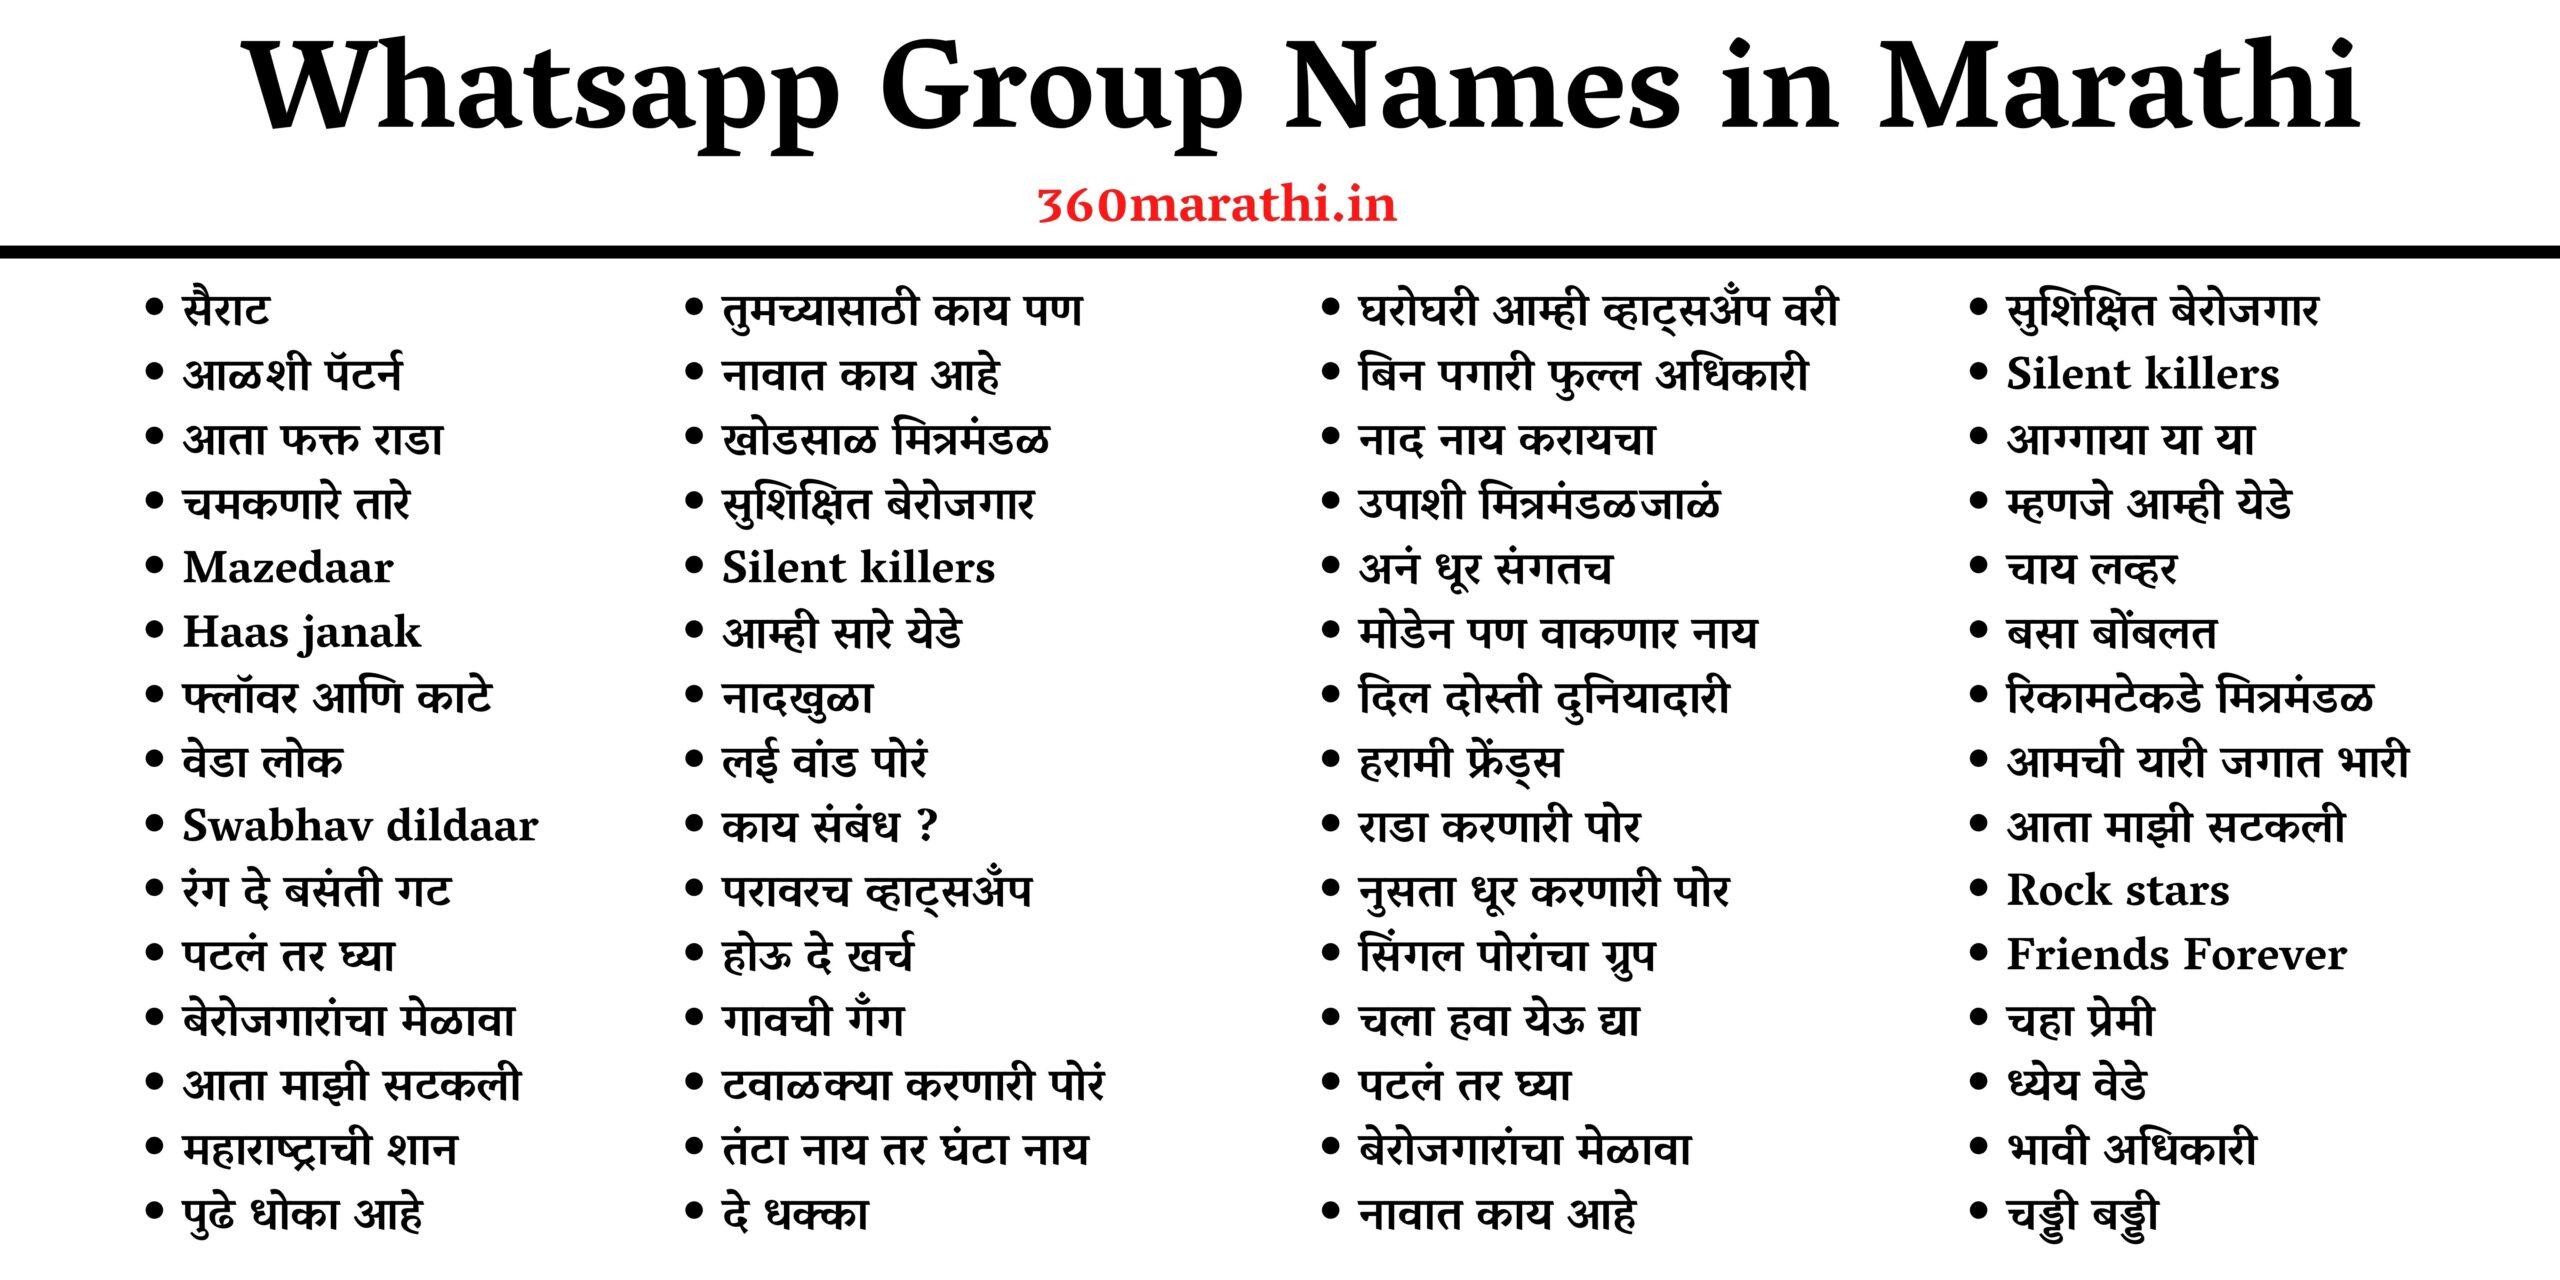 【500+】Whatsapp Group Names in Marathi